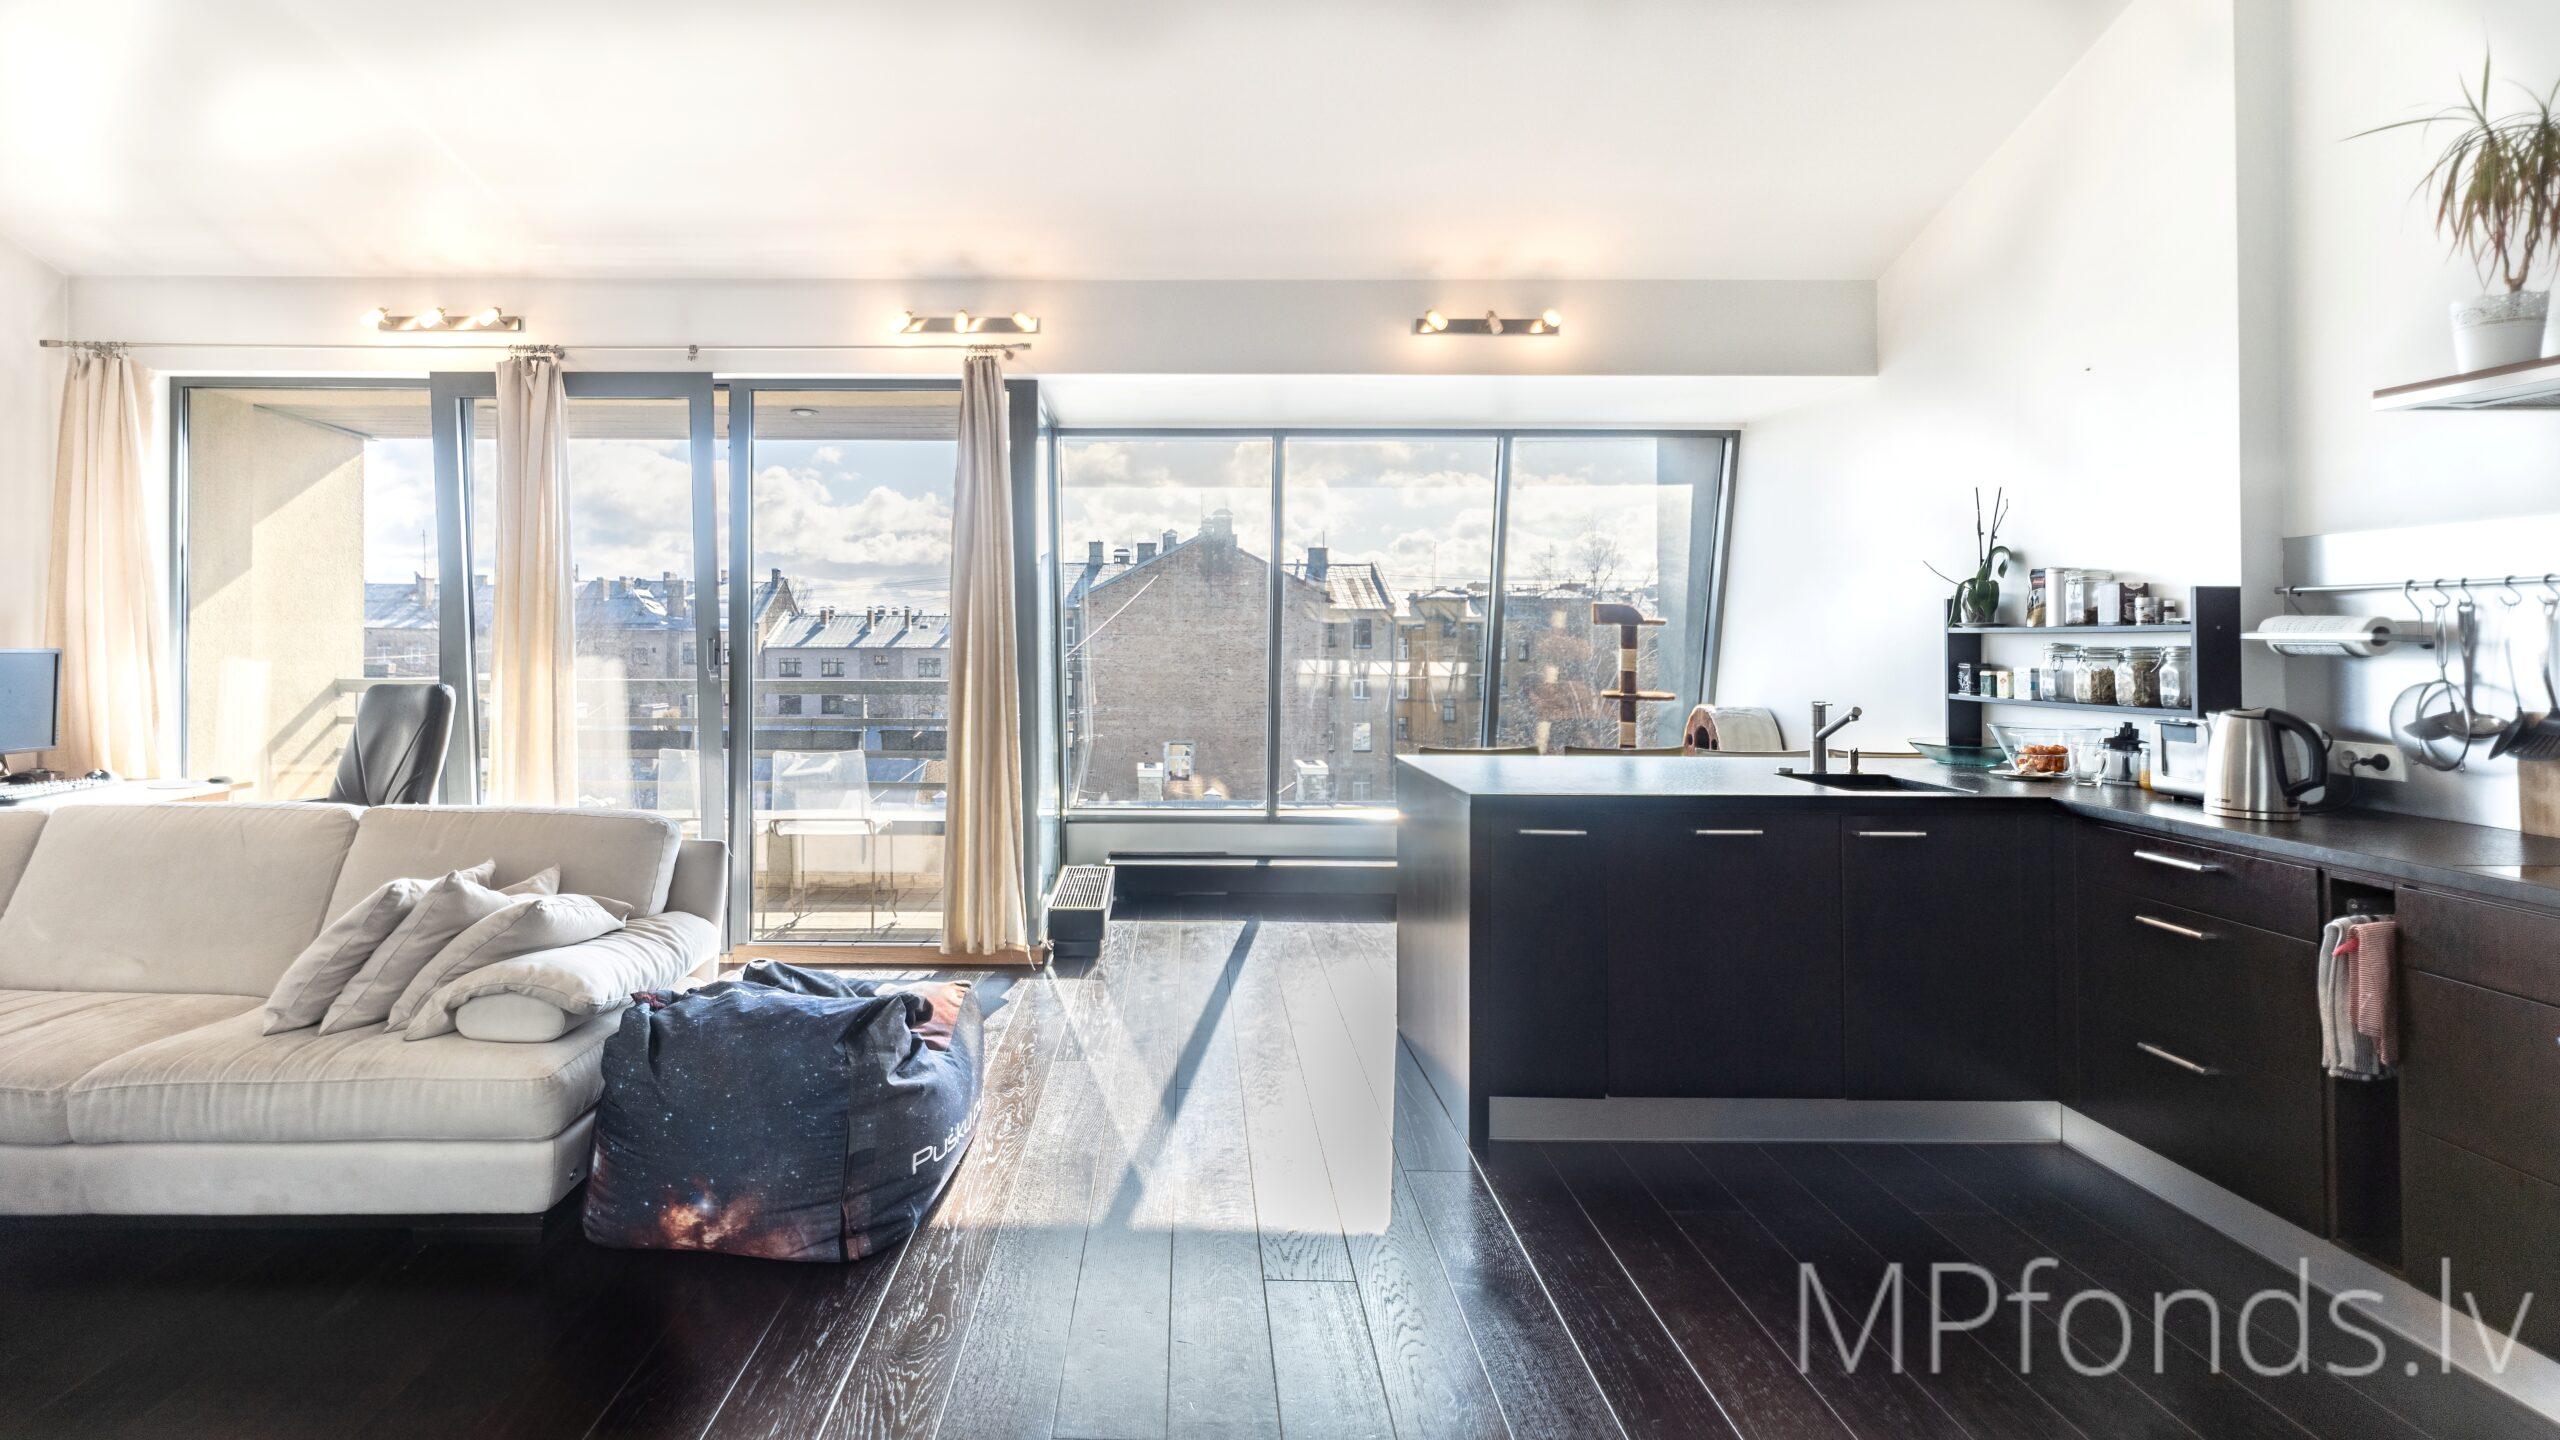 Pārdod, lielisks 3-istabu dzīvoklis Rīgas centrā, jaunā mājā ar iestiklotu saulainu terasi